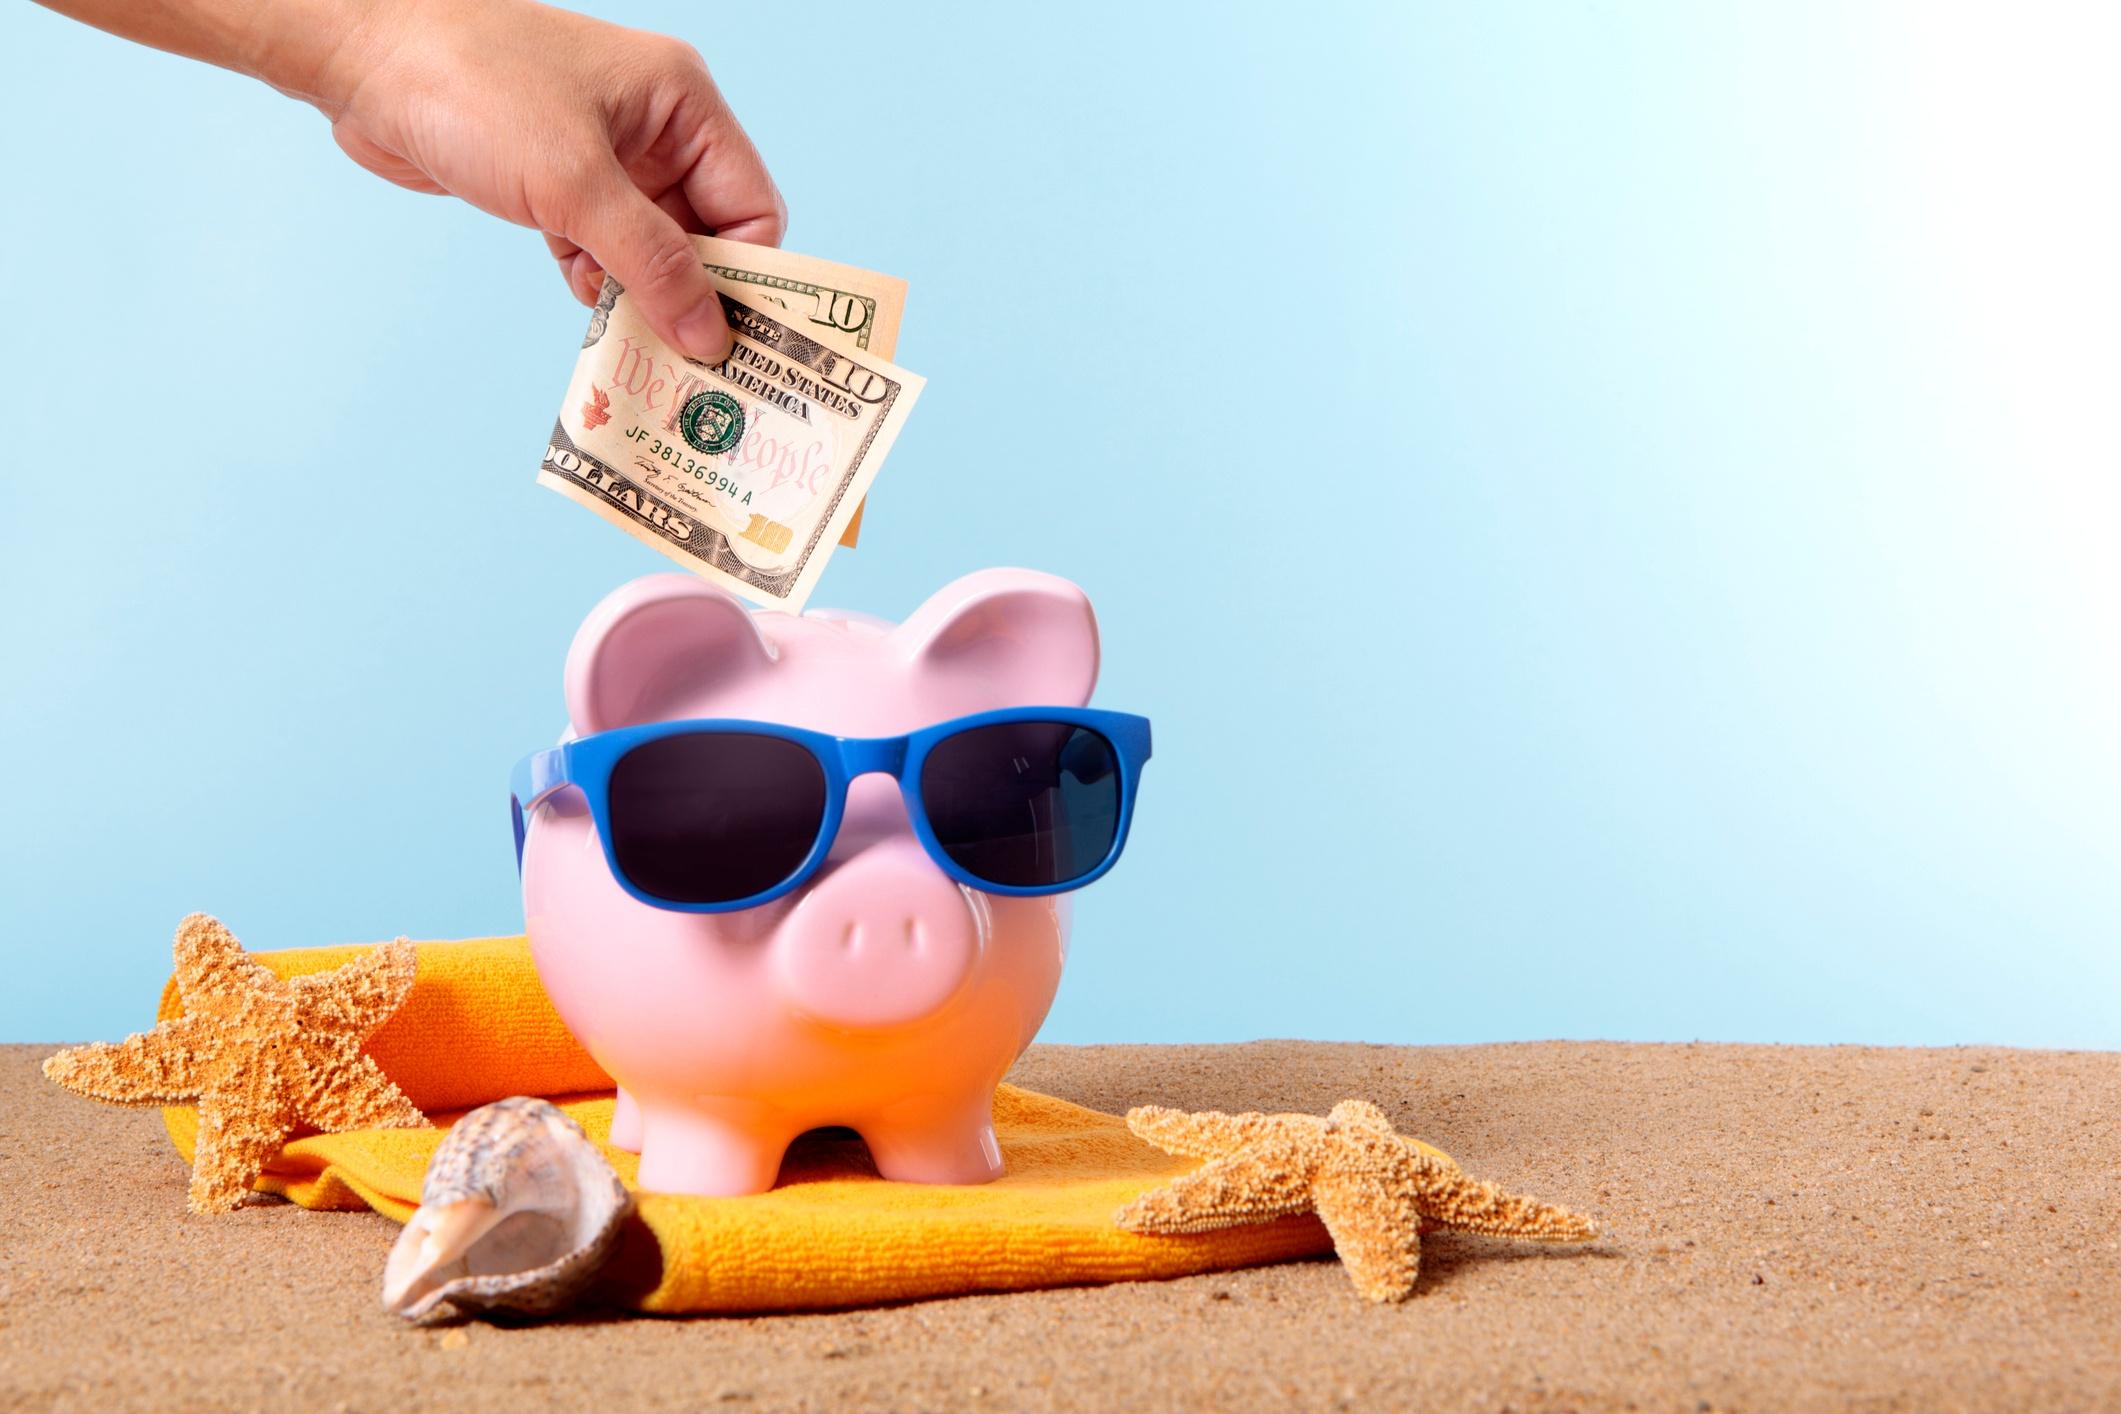 Pig_$10